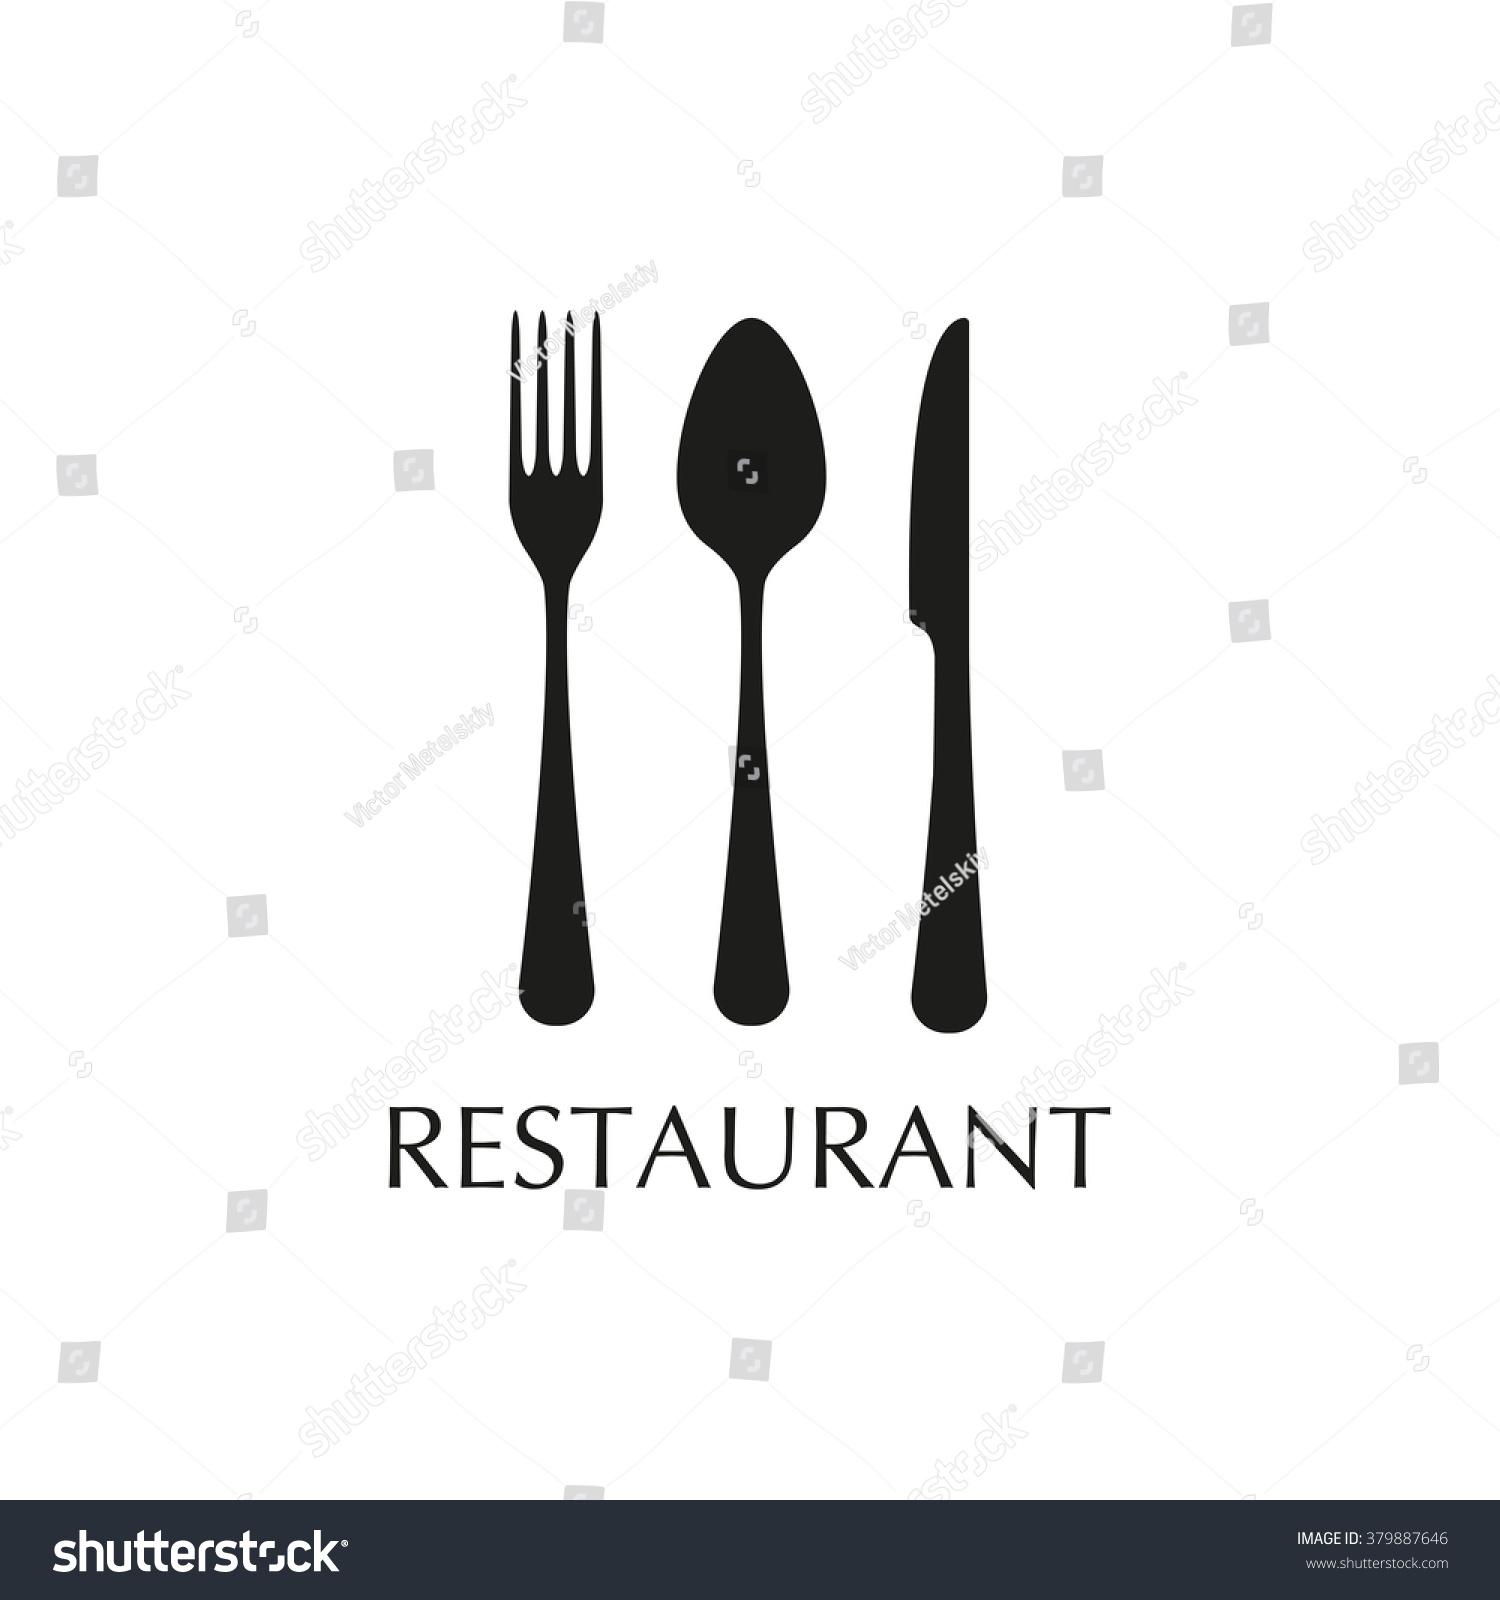 Kitchen svg kitchen utensils clipart restaurant clip art chef -  Art Stickers Decals To Ideas Restaurant Kitchen Utensils